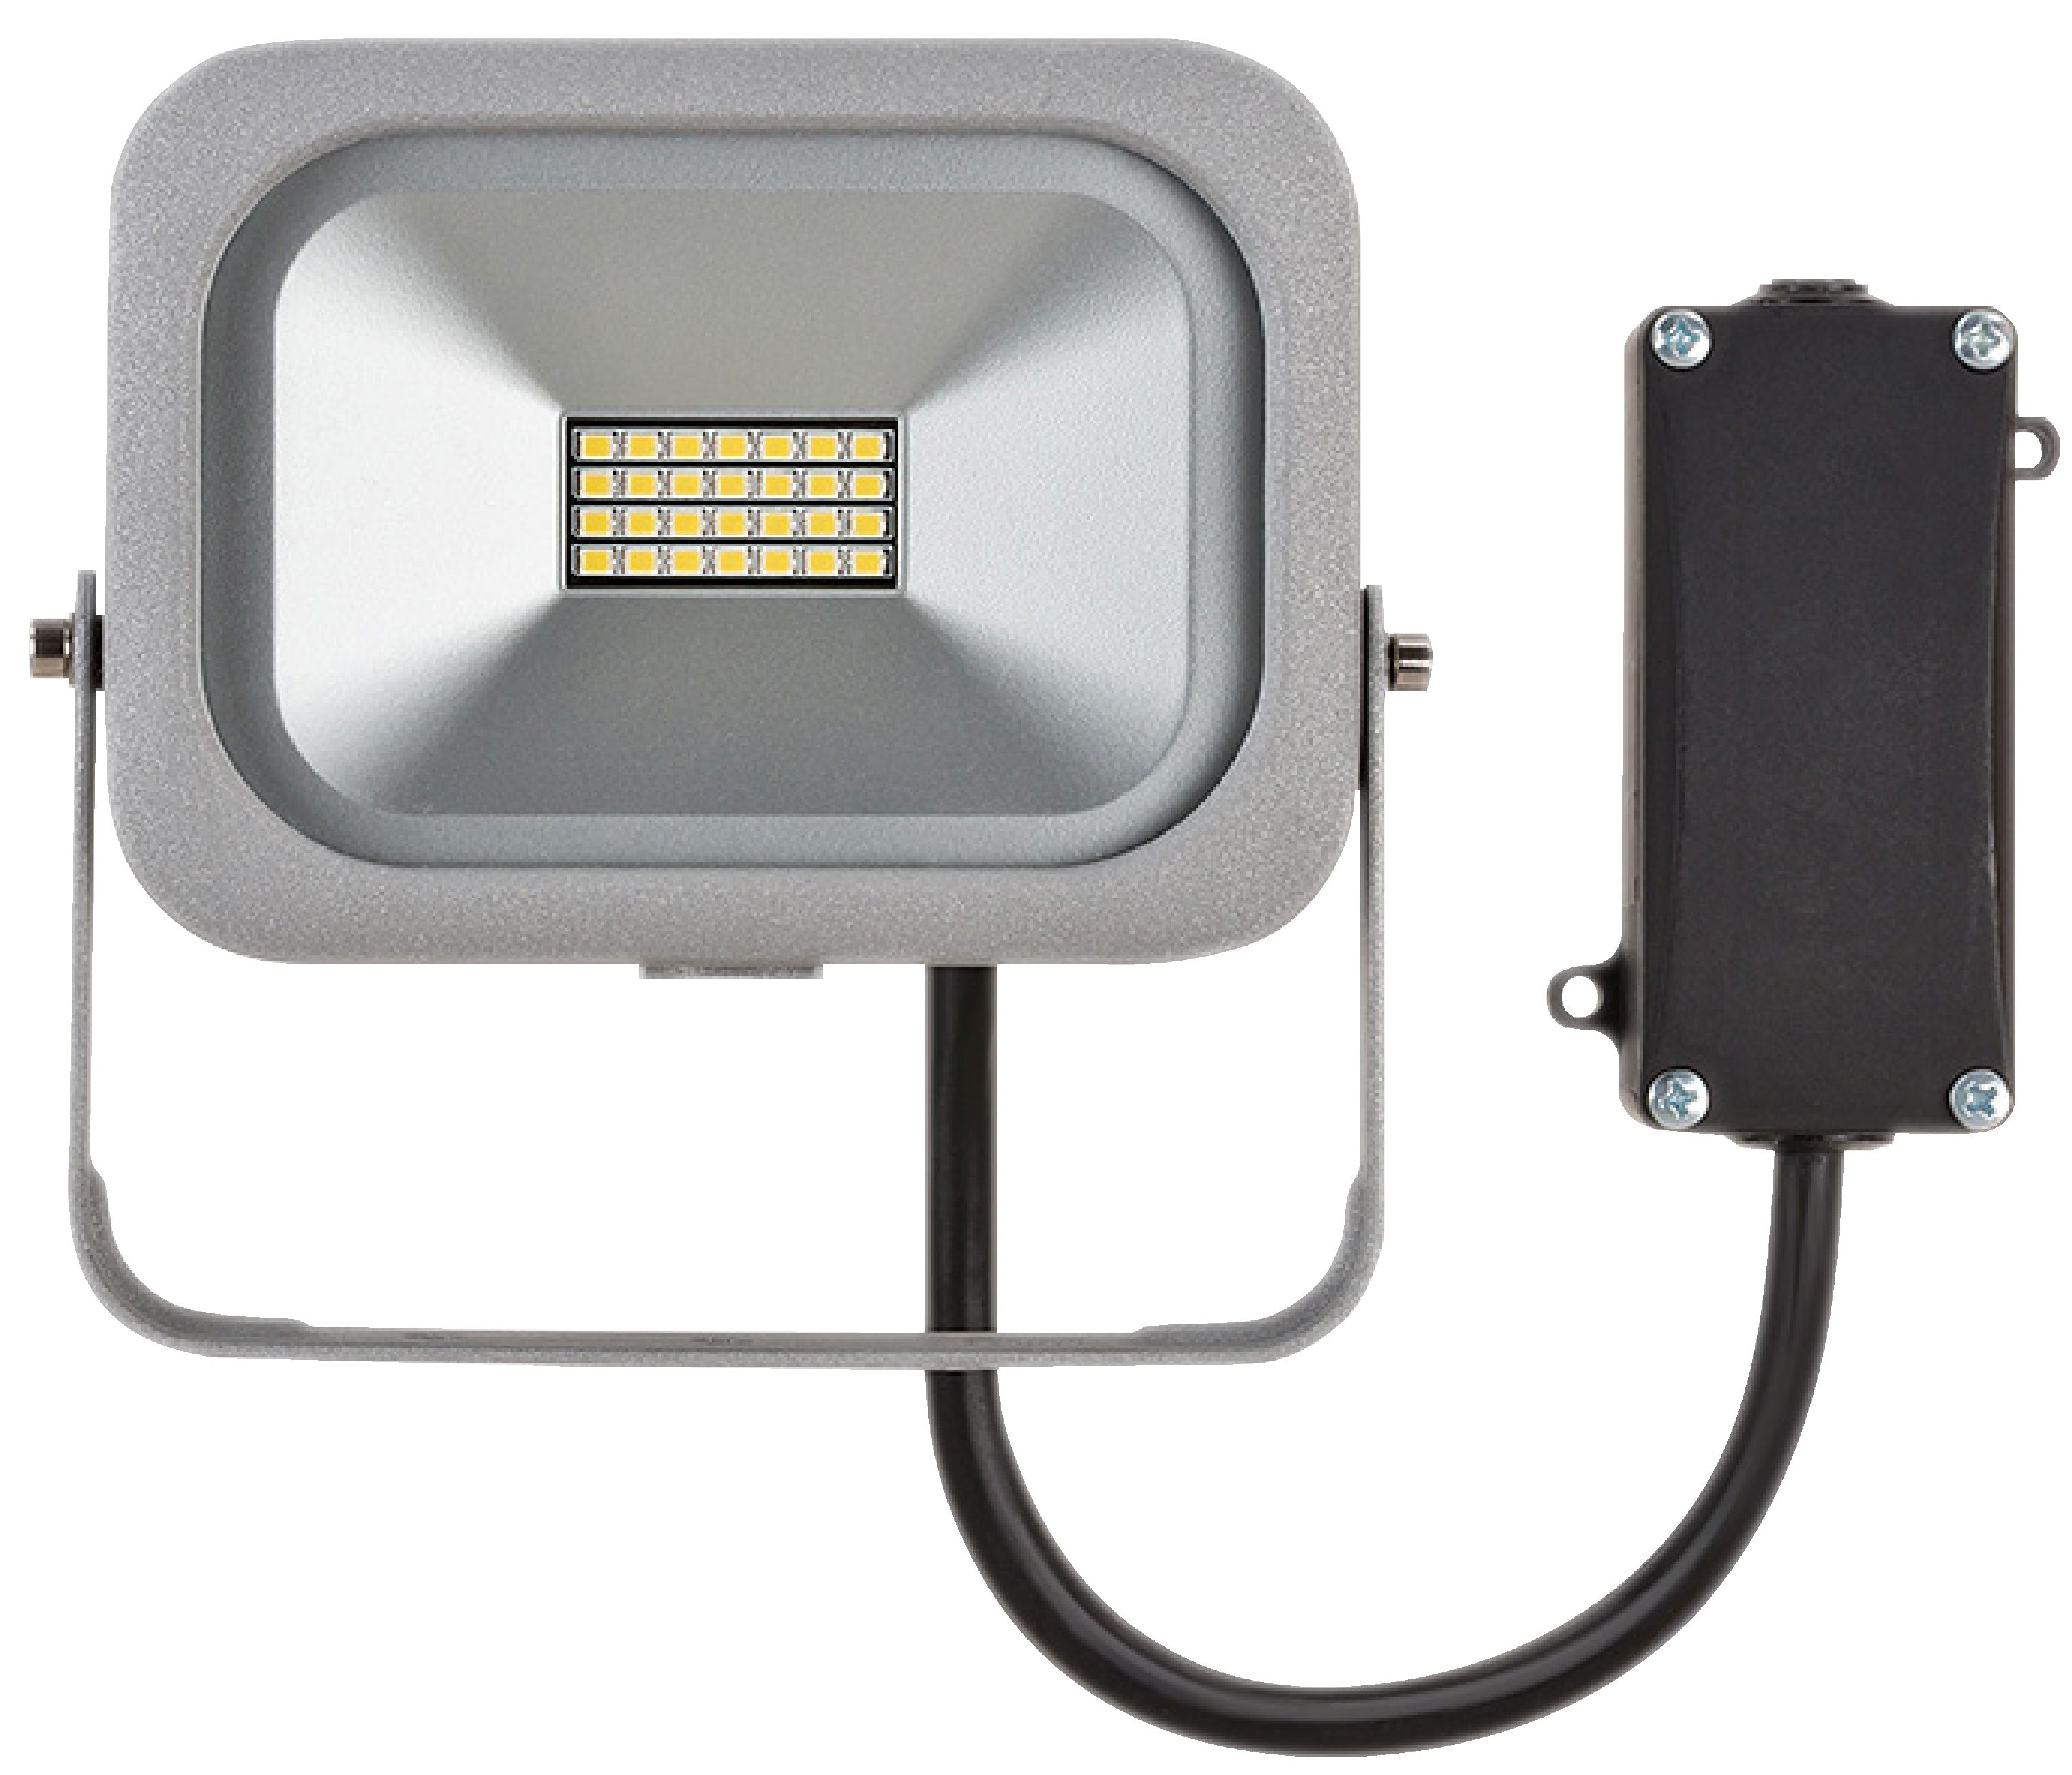 Brennenstuhl 1172900100 LED reflektor 10 W 950 lm